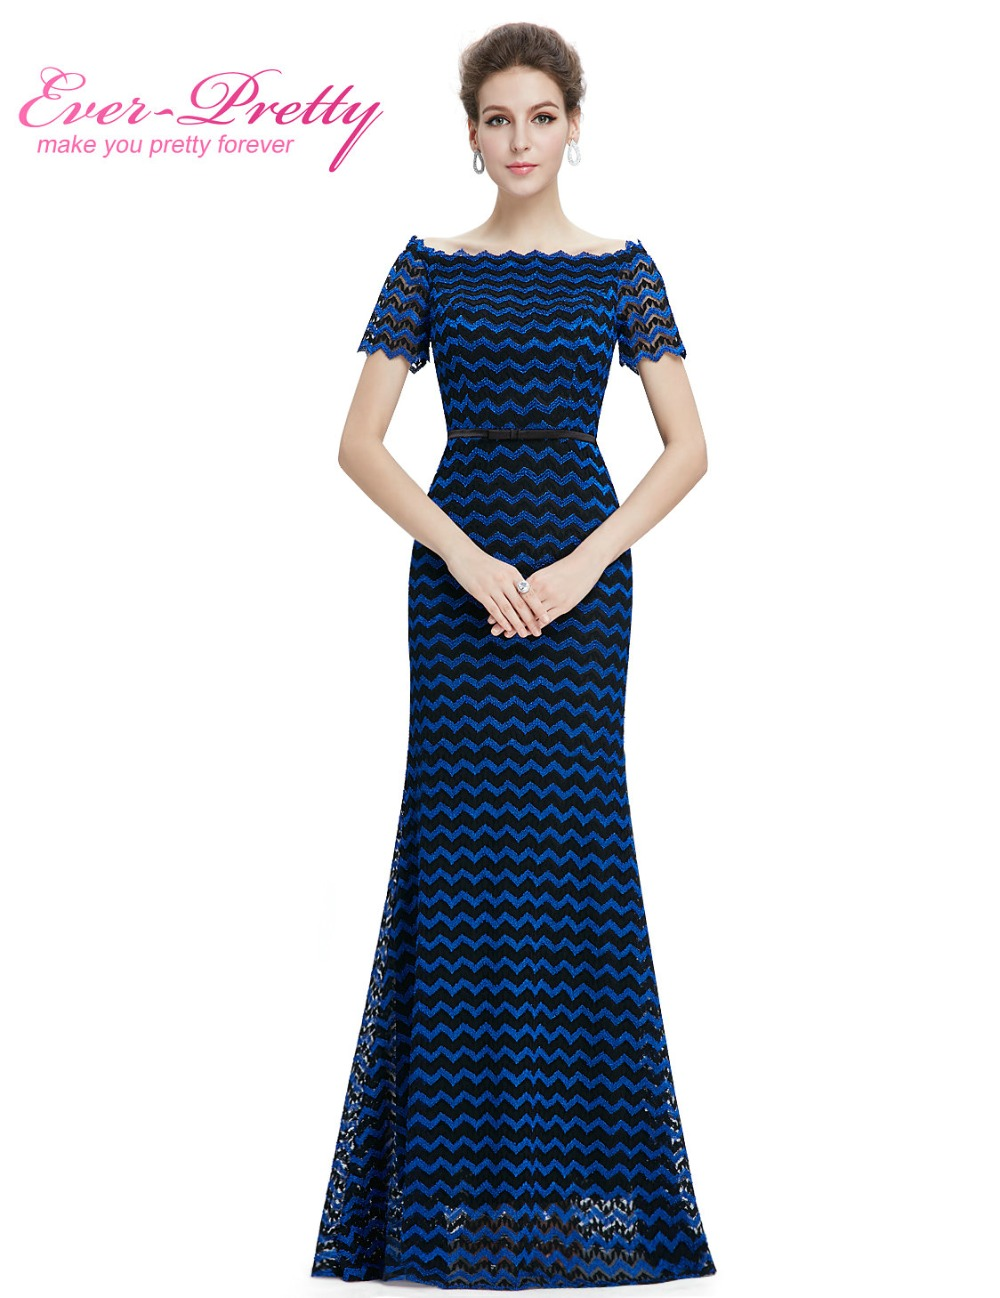 [해외]신부 파티 드레스 2016 여자 &의 우아한 짧은 Retail HE08799BB 고유 보트 V 넥 디자인 어머니/Women&s Elegant Short Sleeve HE08799BB Unique boat v-neck design Mother of the